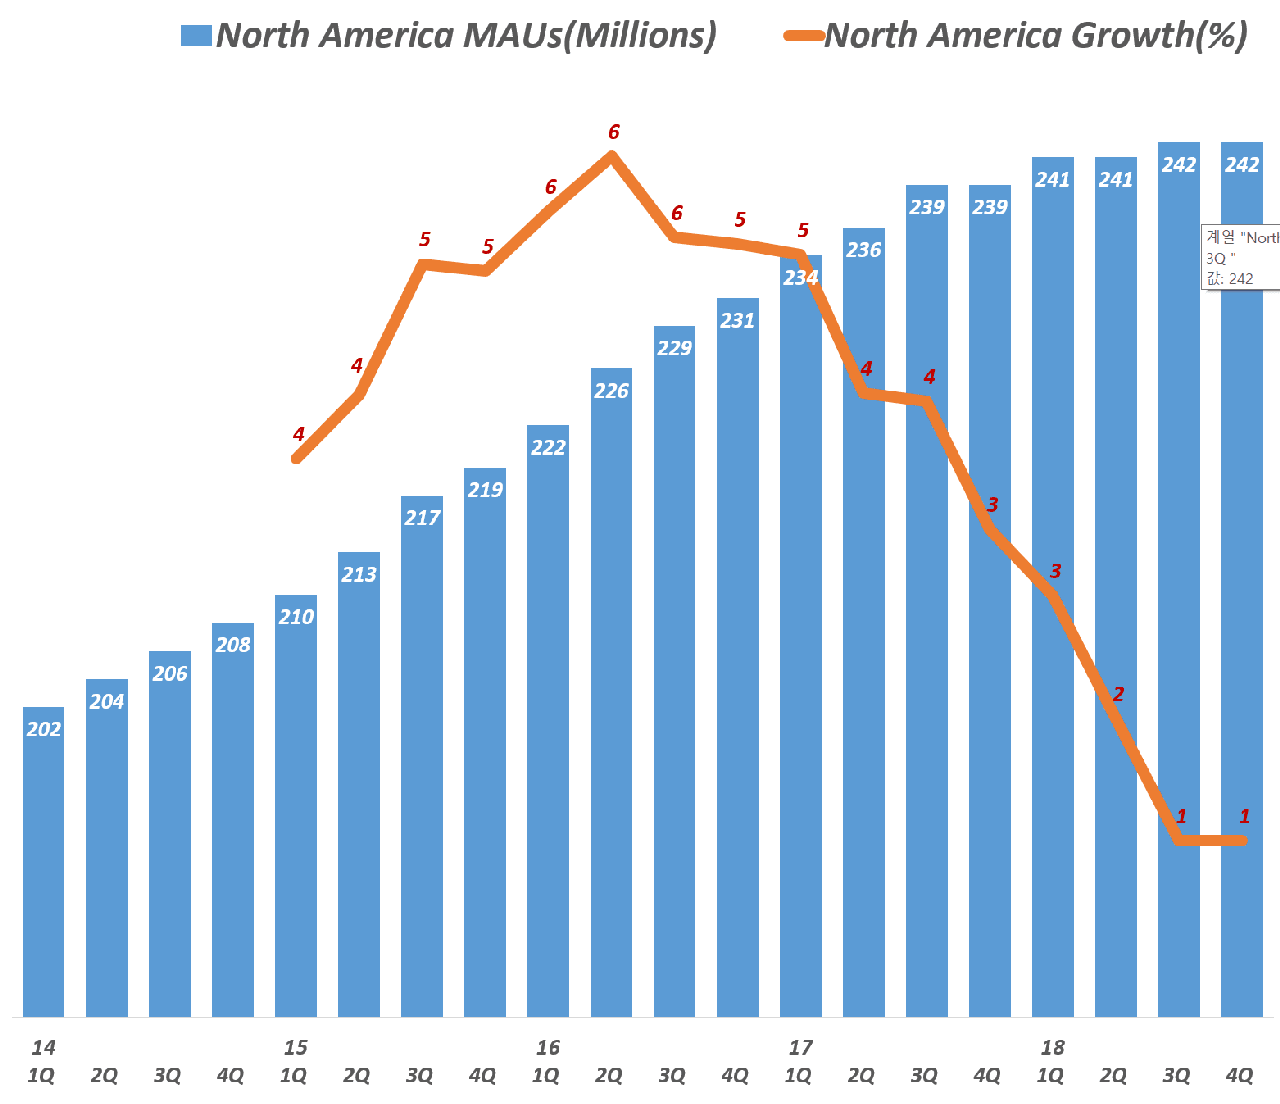 페이스북 북미지역 분기별 월간 사용자수(Facebook MAU) 증가 추이(2012년 1분기 ~ 2018년 4분기), Data - invest.fb.com, Graph by Happist